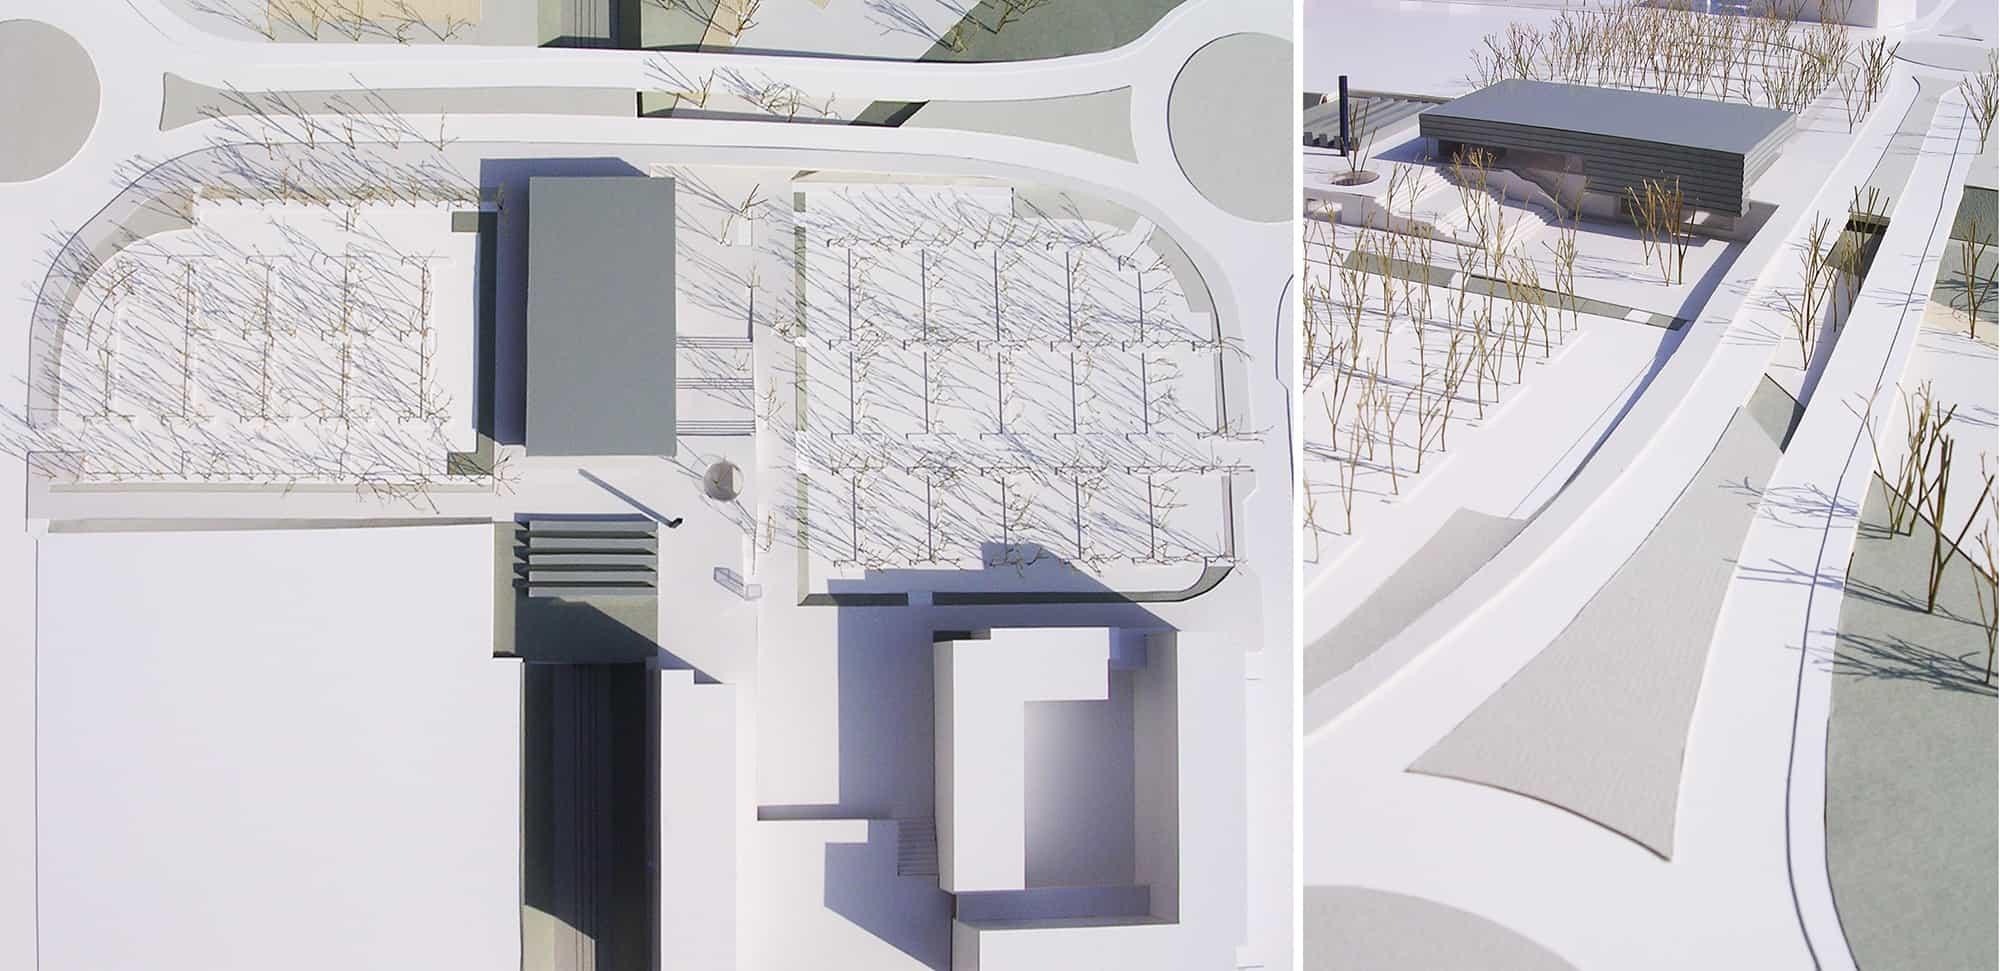 Estación Rivas Futura METRO de Madrid - maqueta - arquitectura transporte - LGV+LANDINEZ+REY   equipo L2G arquitectos, slp [ eL2Gaa ]